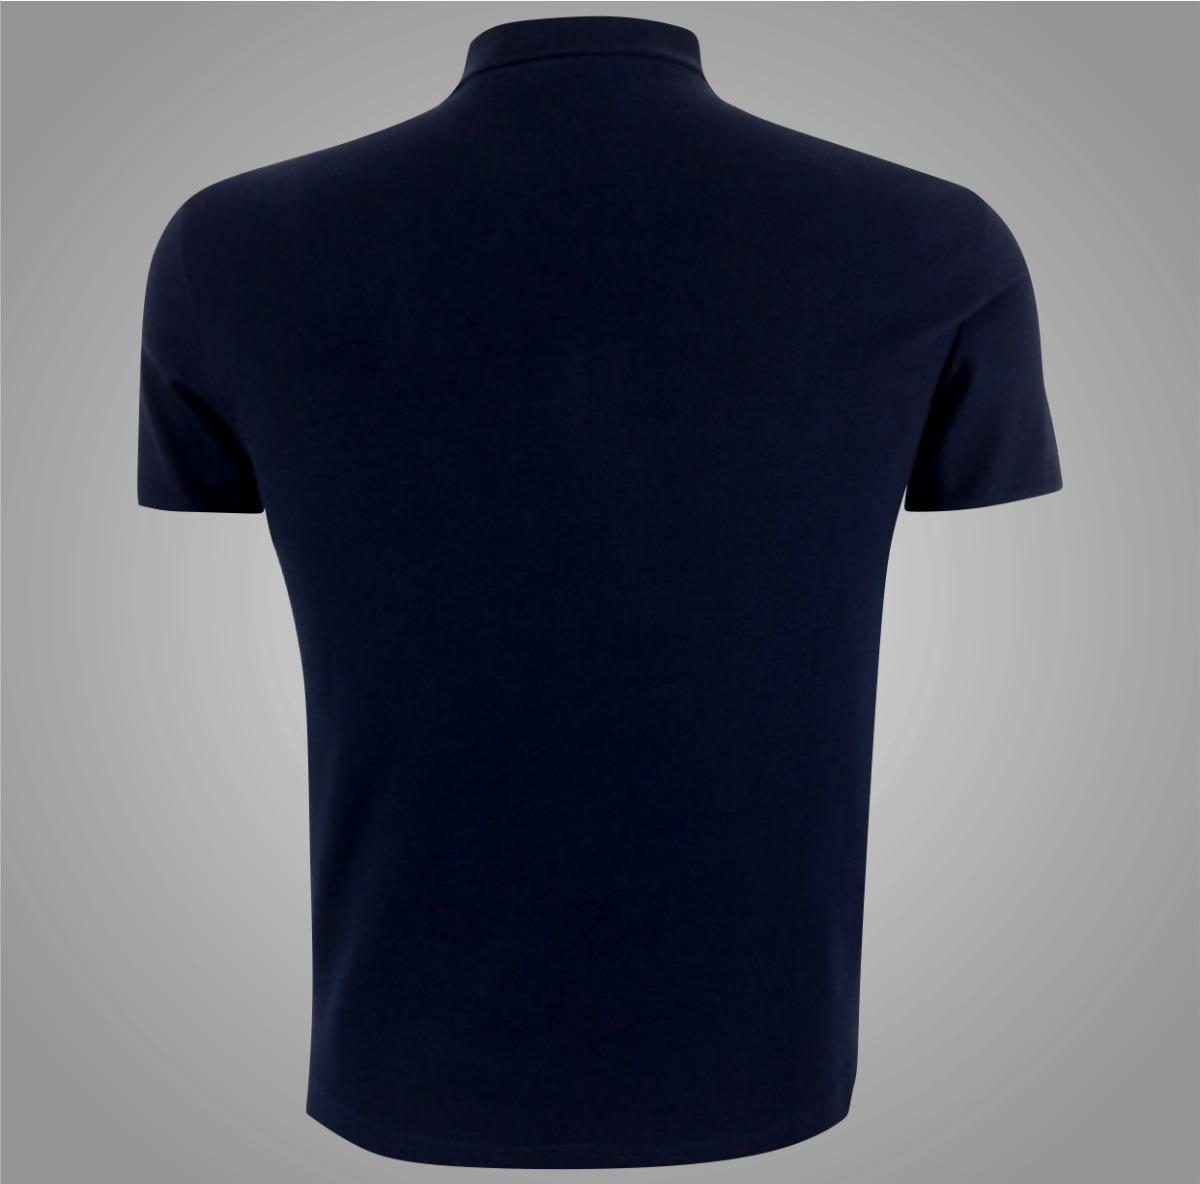 4633088aa0 Camisa Polo Varias Cores Polo Lisa Tradicional Blusa Polo - R  44